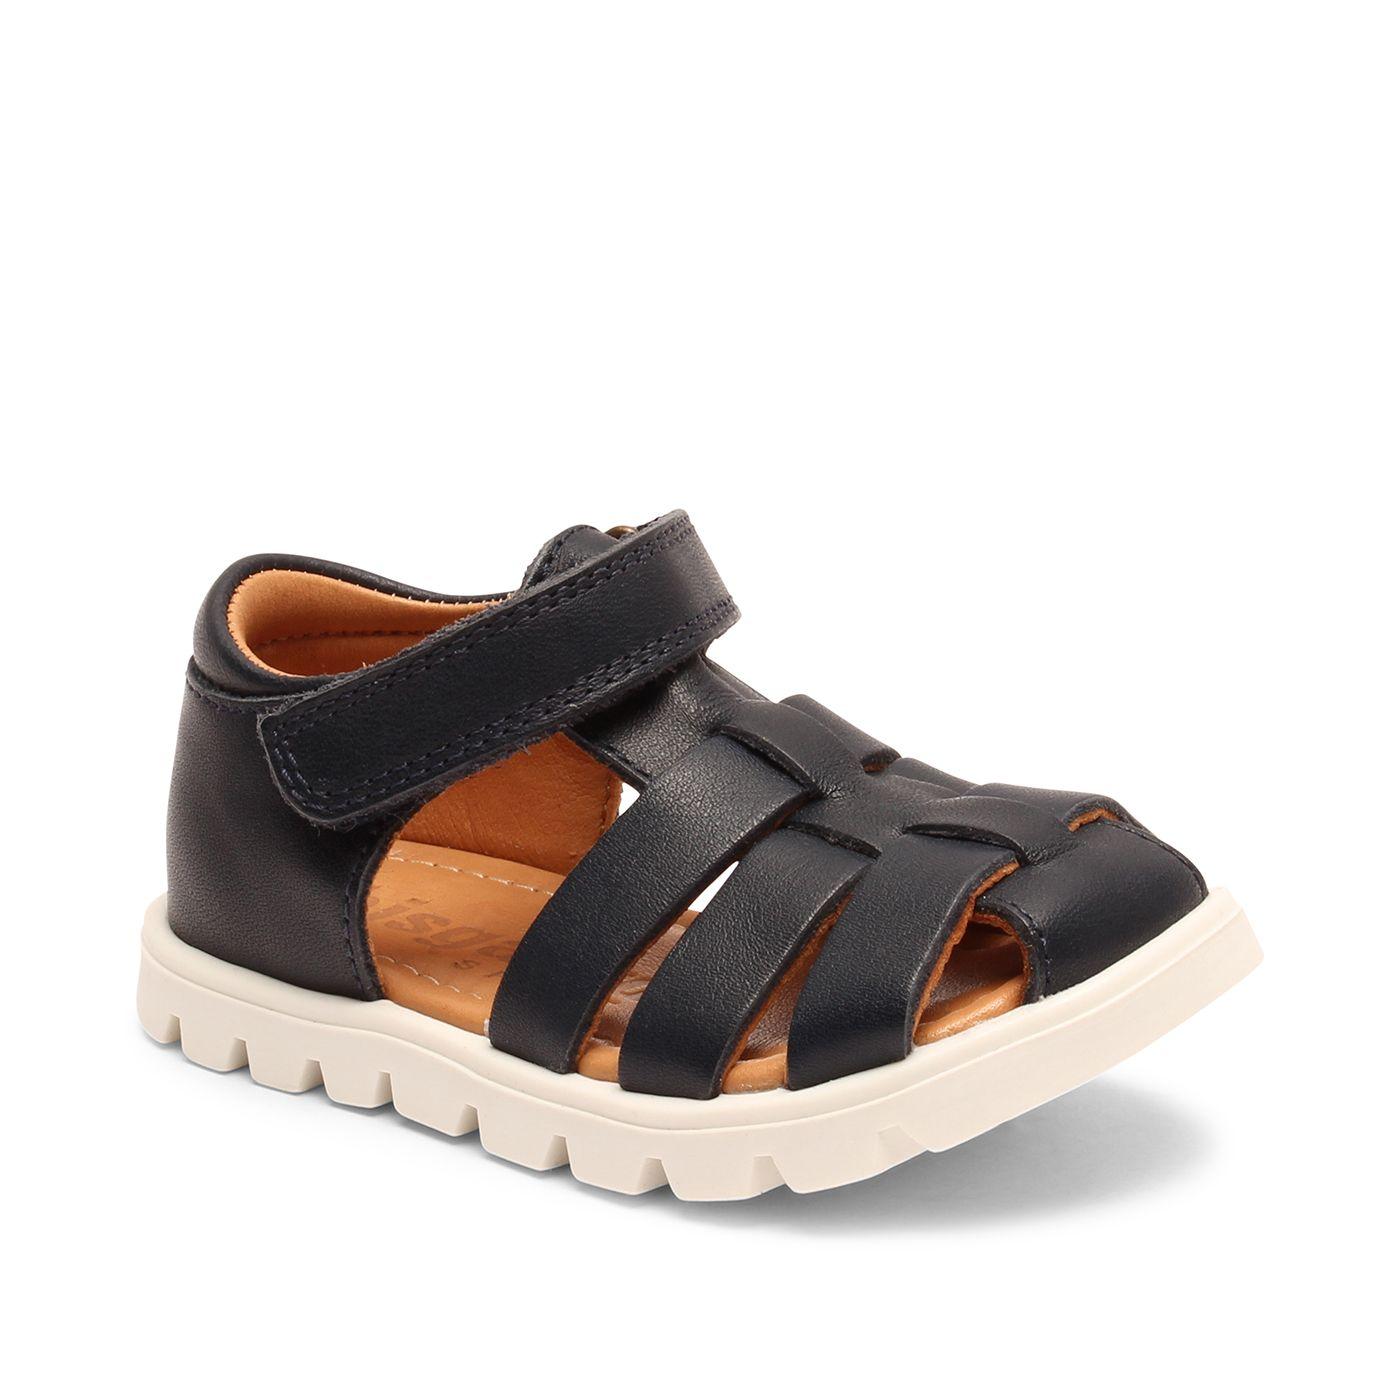 Bisgaard Carlo sandal